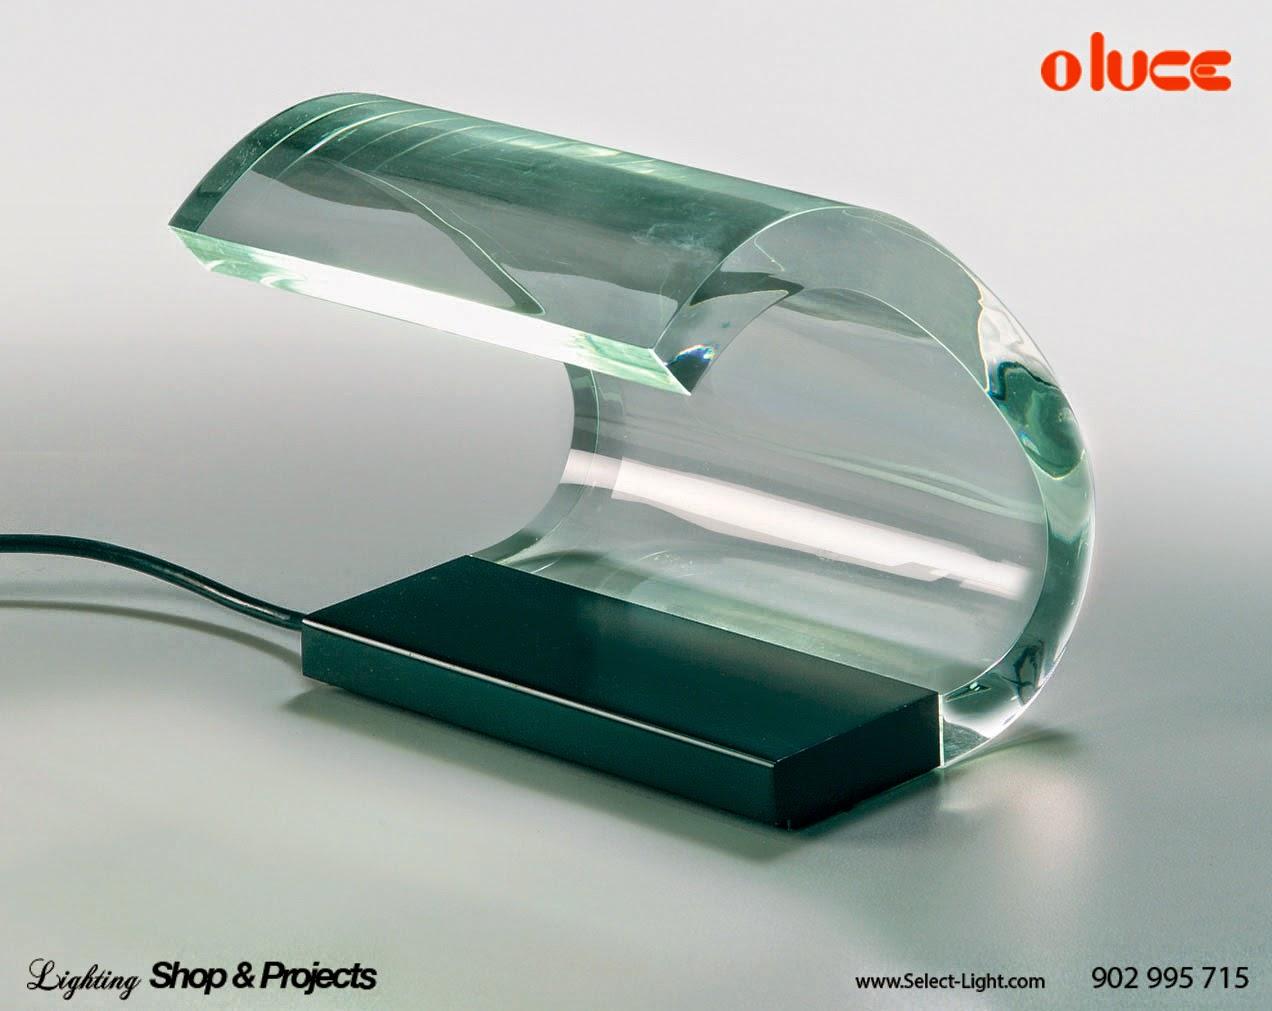 lampra diseño acrilica table oluce